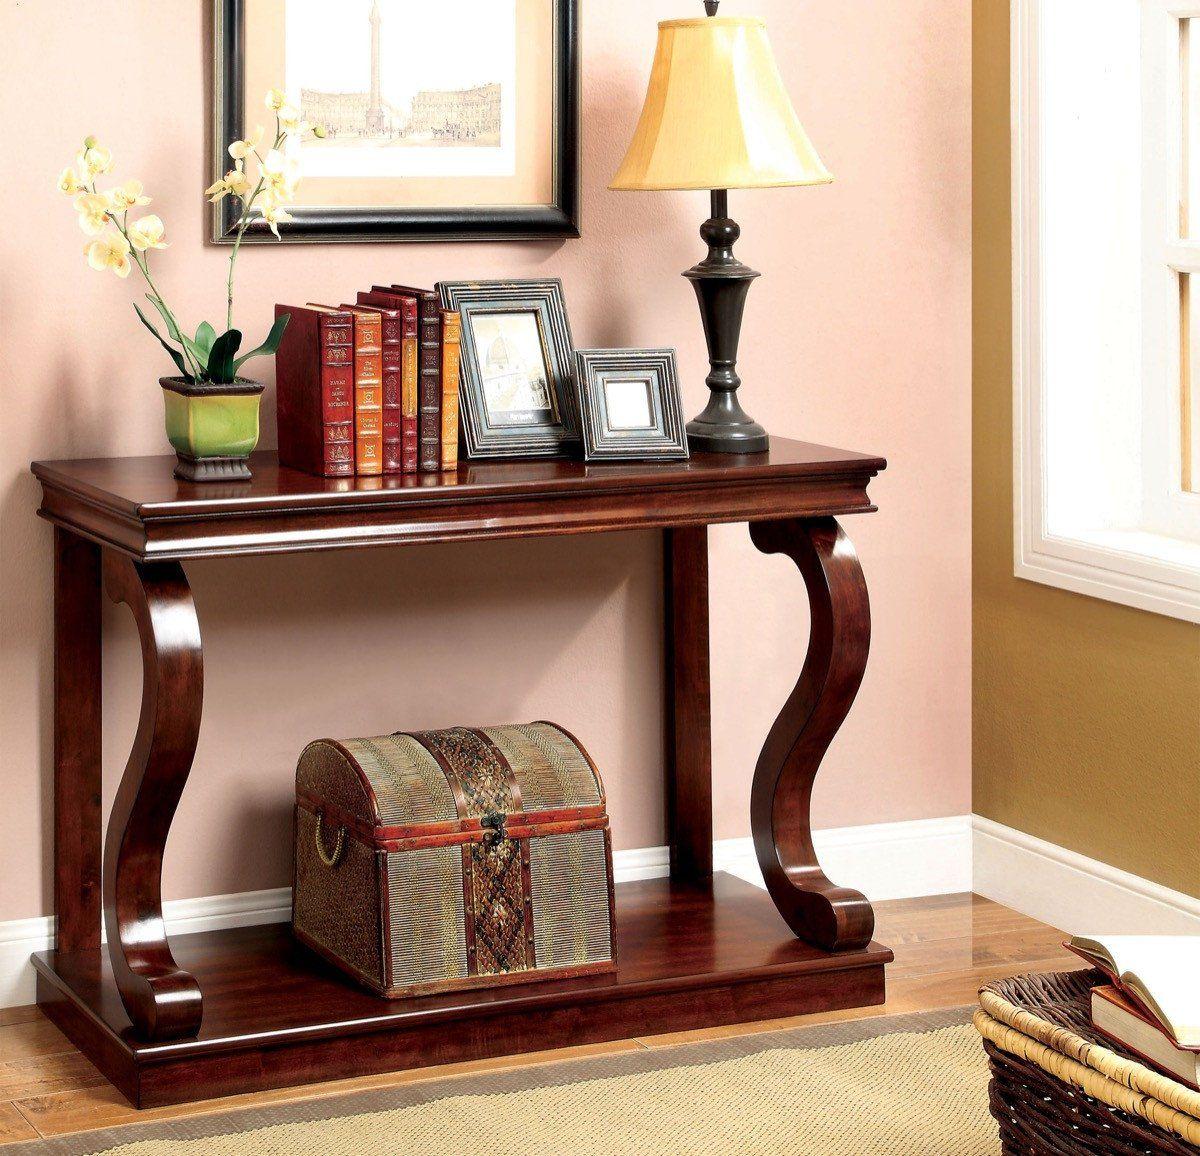 Furniture Of America Eve Beveled Edge Sofa Table Cherry Classic Console Table Furniture Of America Wood Console Table